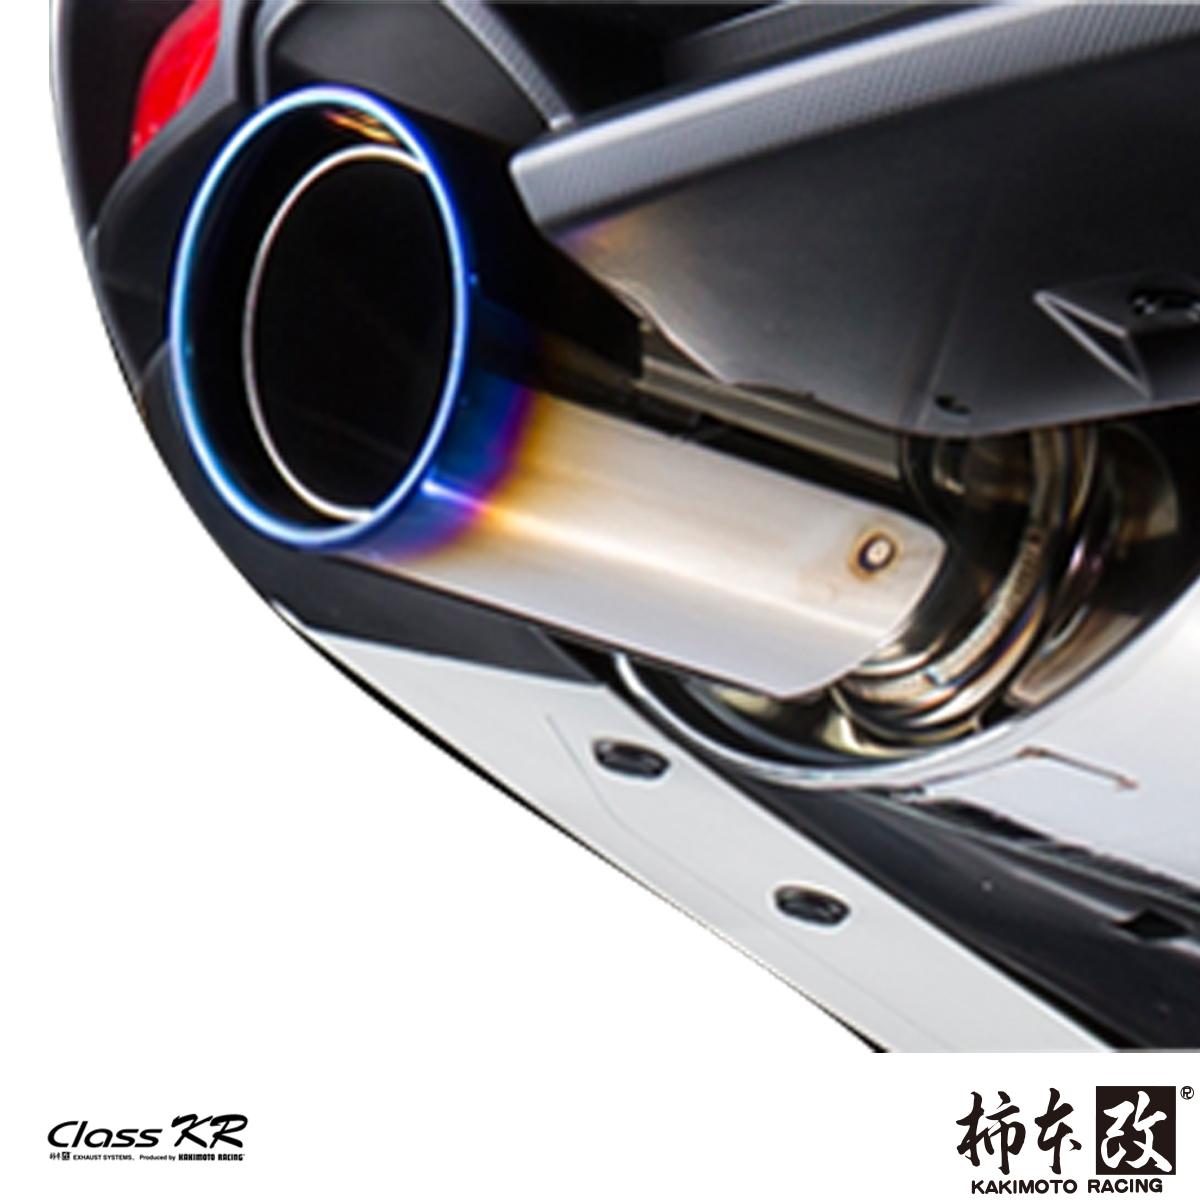 柿本 改 クラスKR デミオ DBA-DJ3FS マフラー 品番:Z71330 KAKIMOTO RACING Class KR 条件付き送料無料